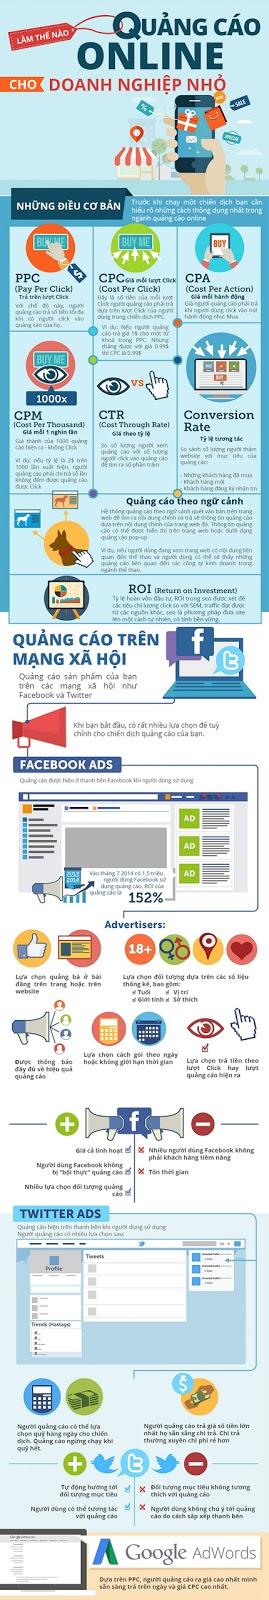 Tất tần tật về quảng cáo online mà bạn nên biết